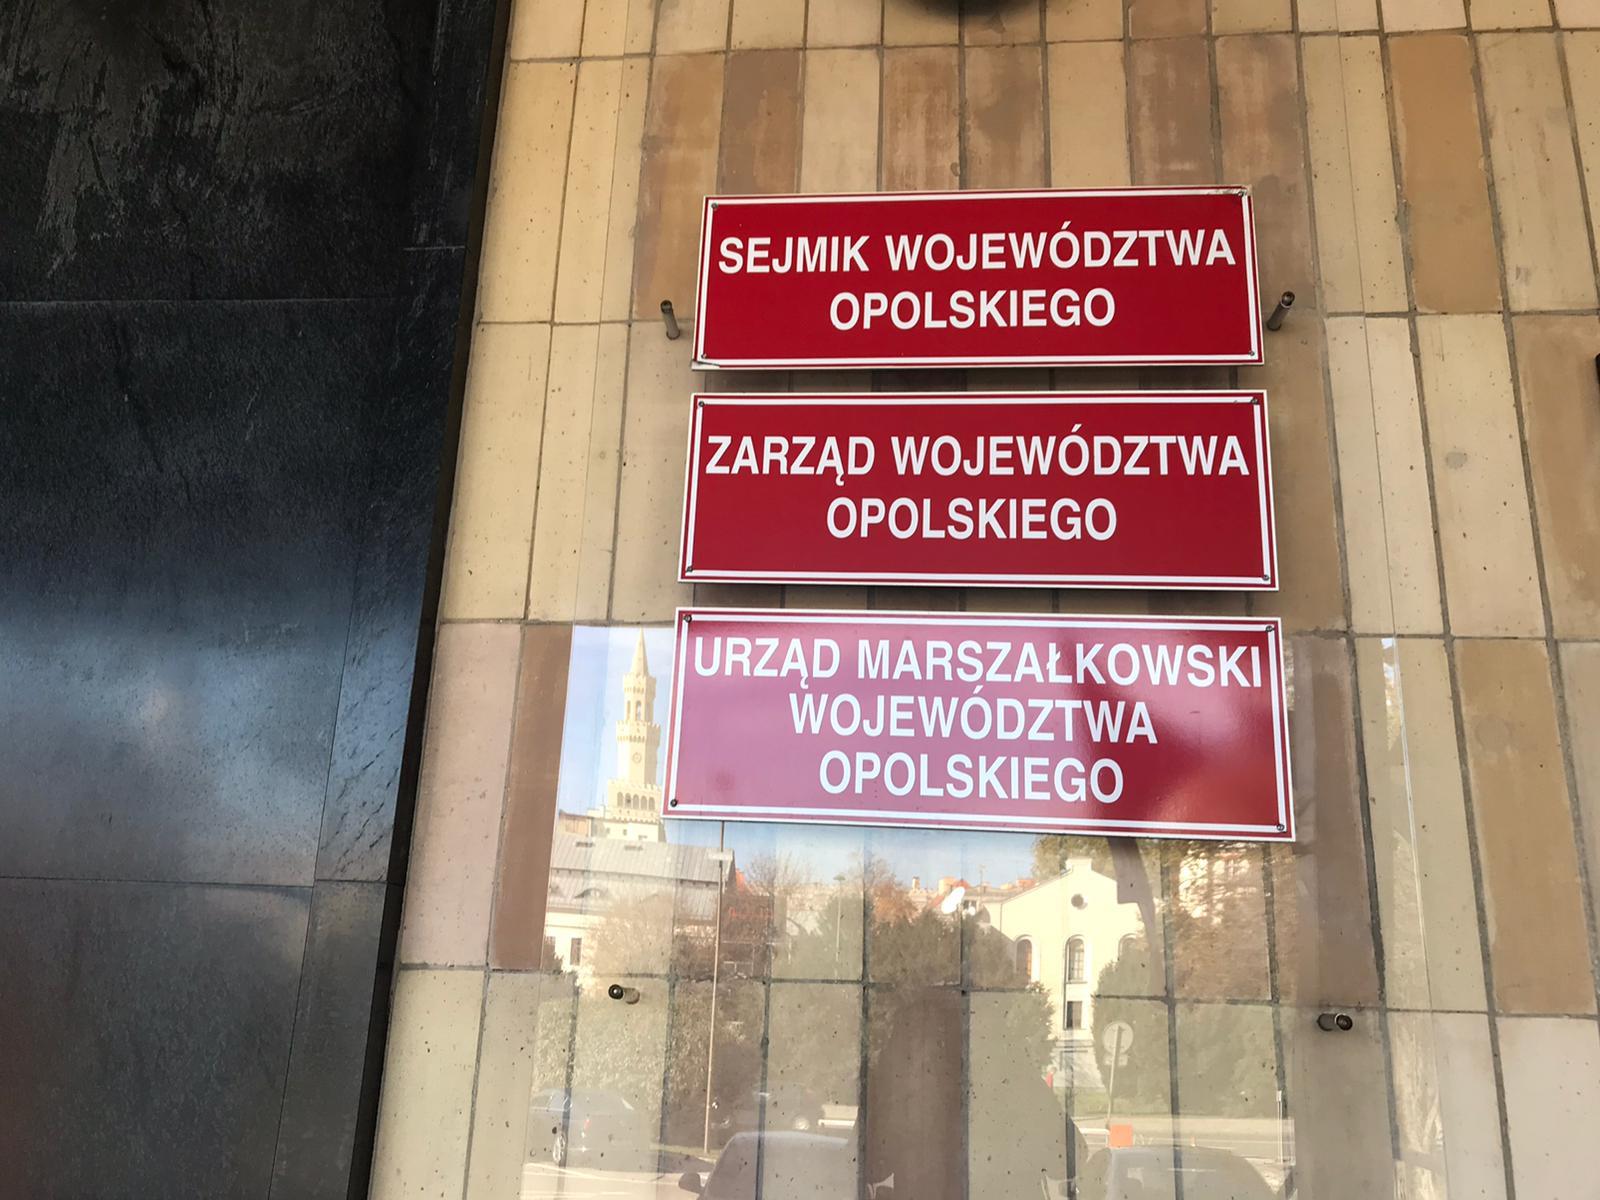 Urząd marszałkowski w Opolu [fot.M.Matuszkiewicz]